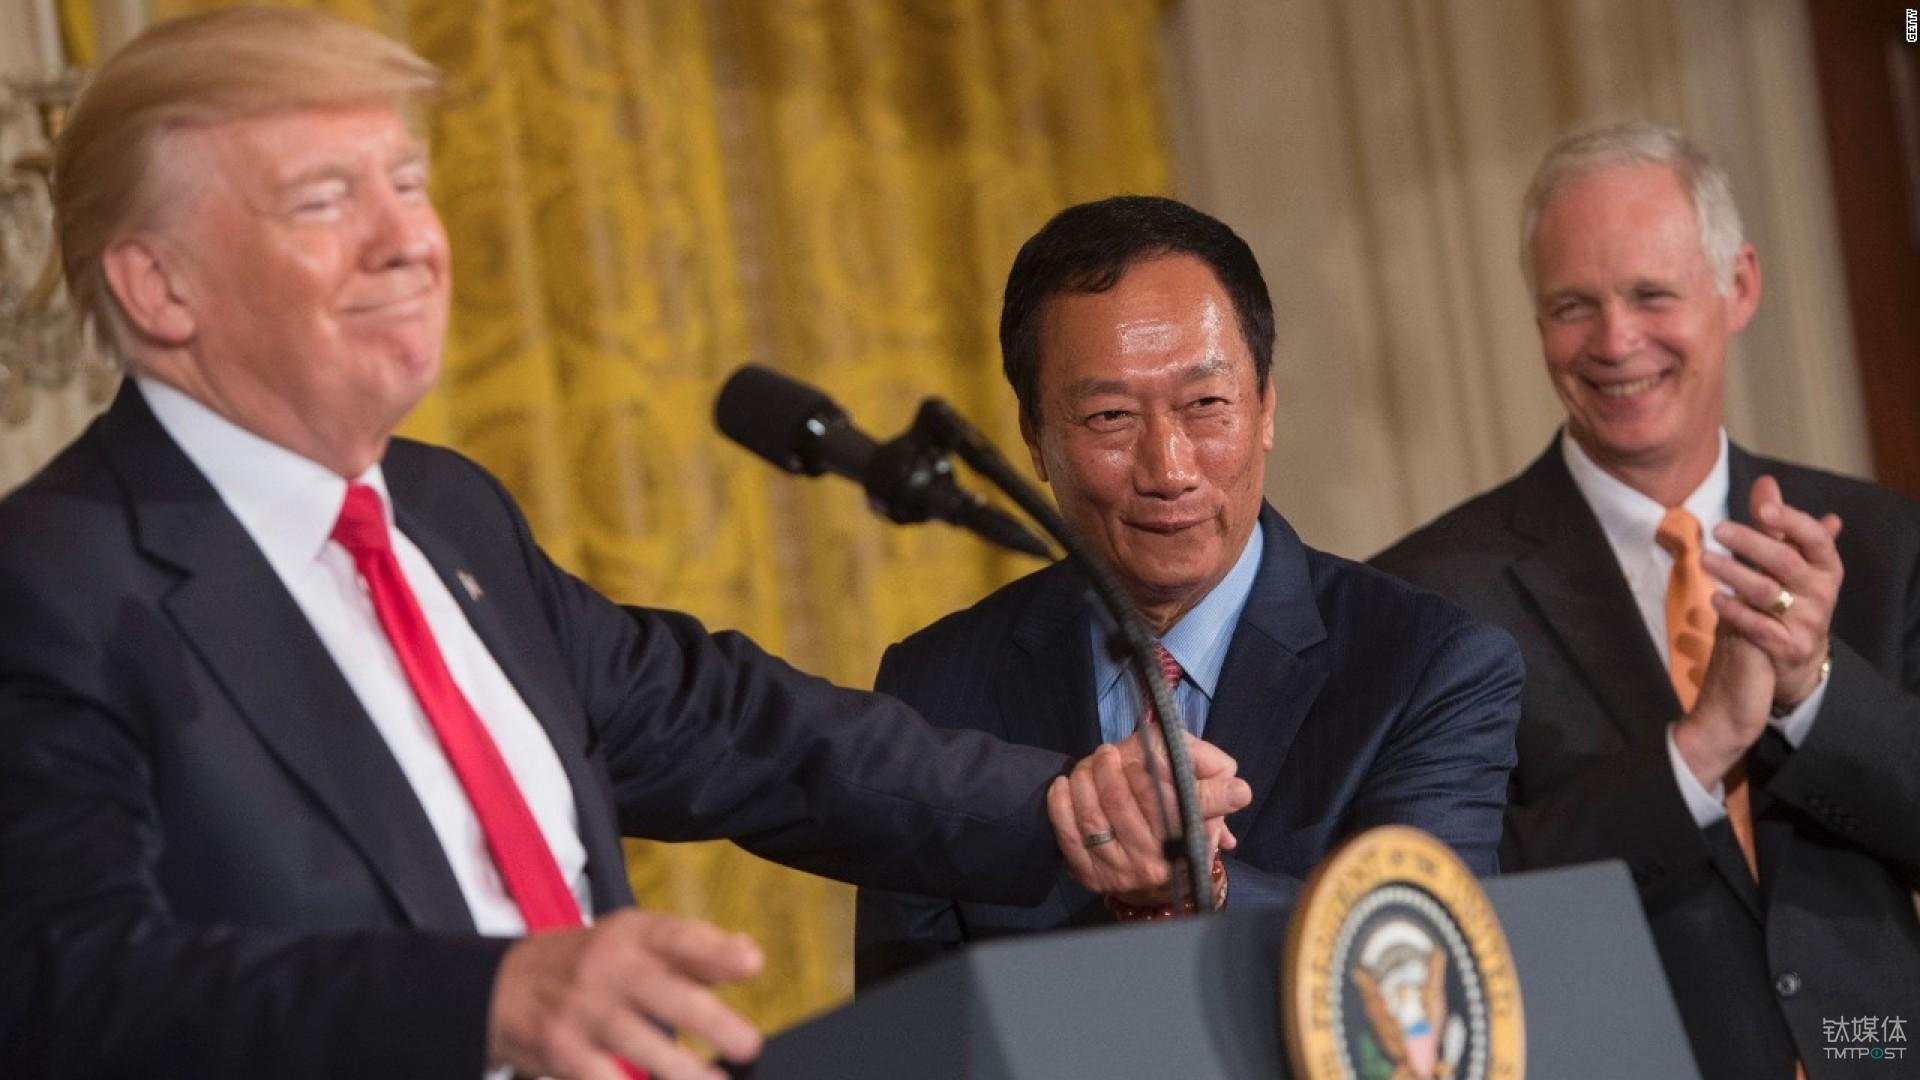 美国总统特朗普与富士康董事长郭台铭在新闻发布会上。图片来源/cnnmoney